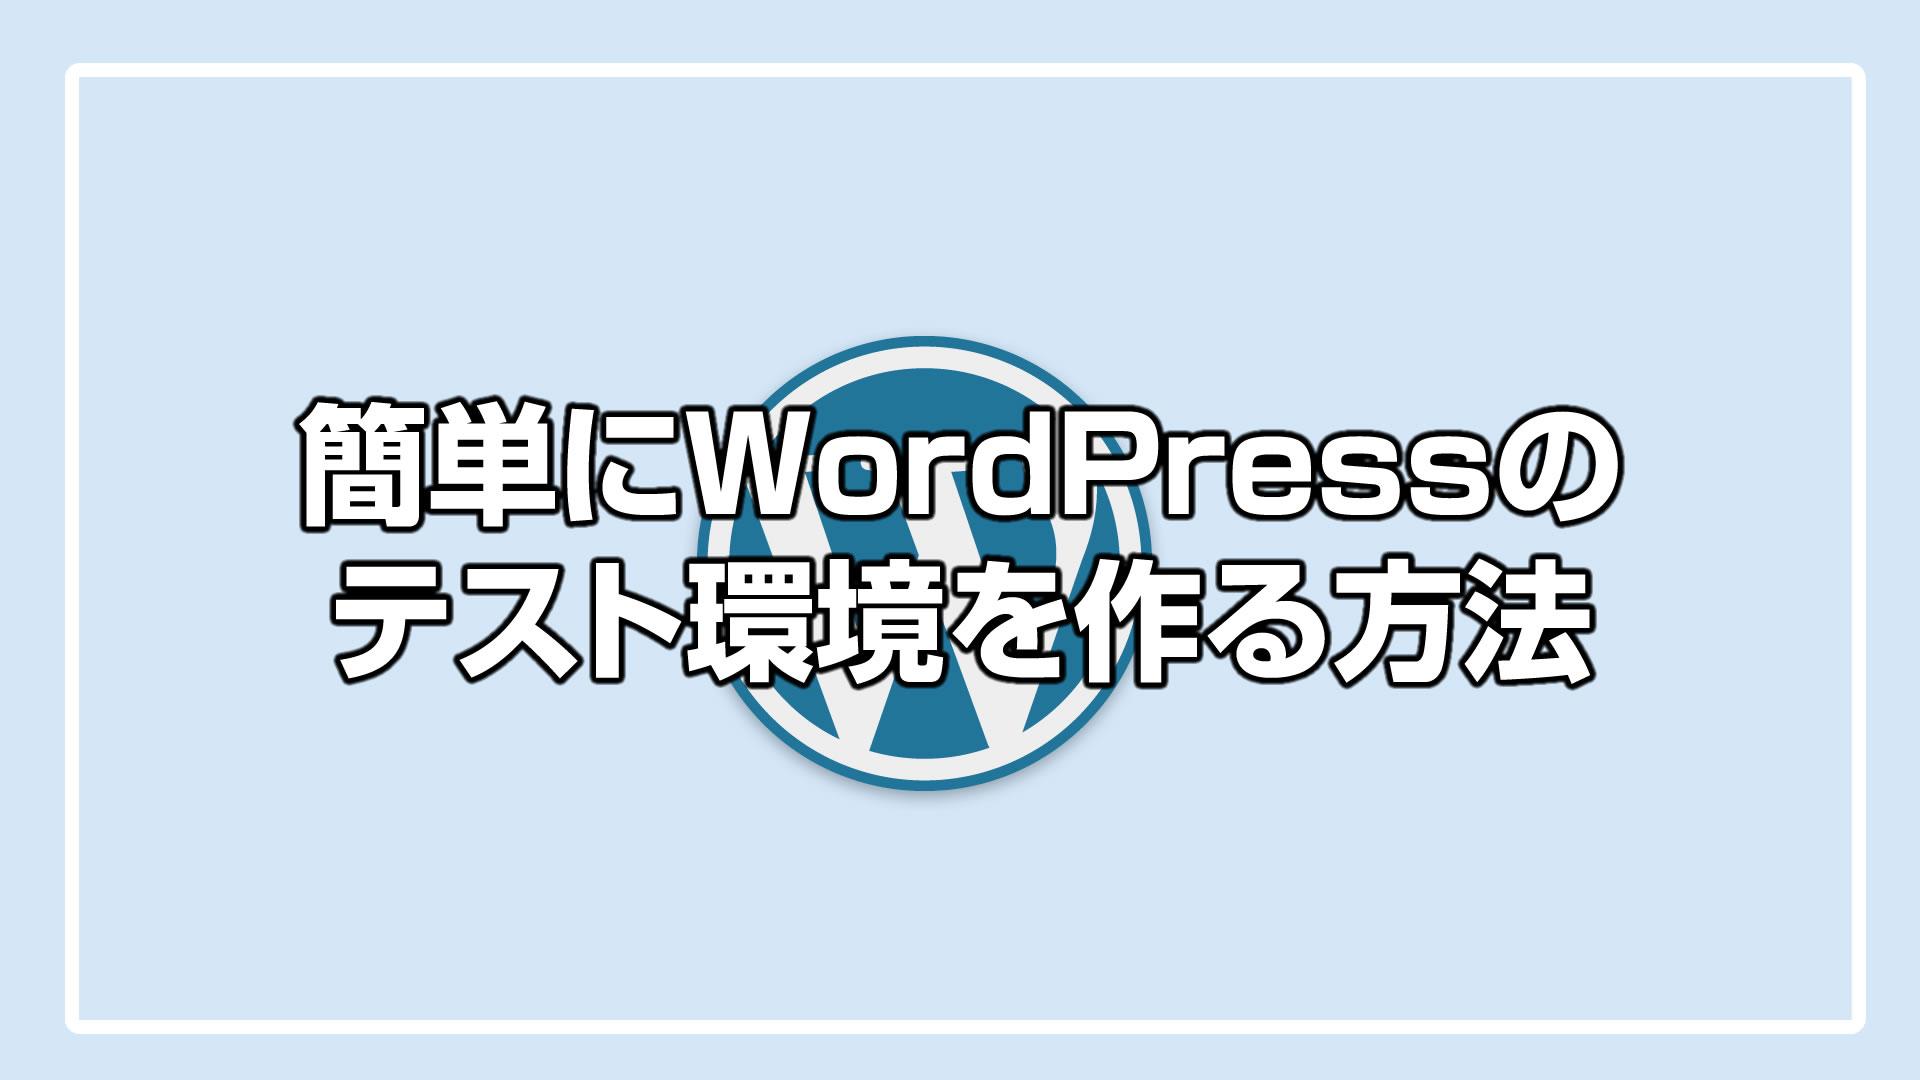 簡単にWordPressのテスト環境をエックスサーバーで作る方法